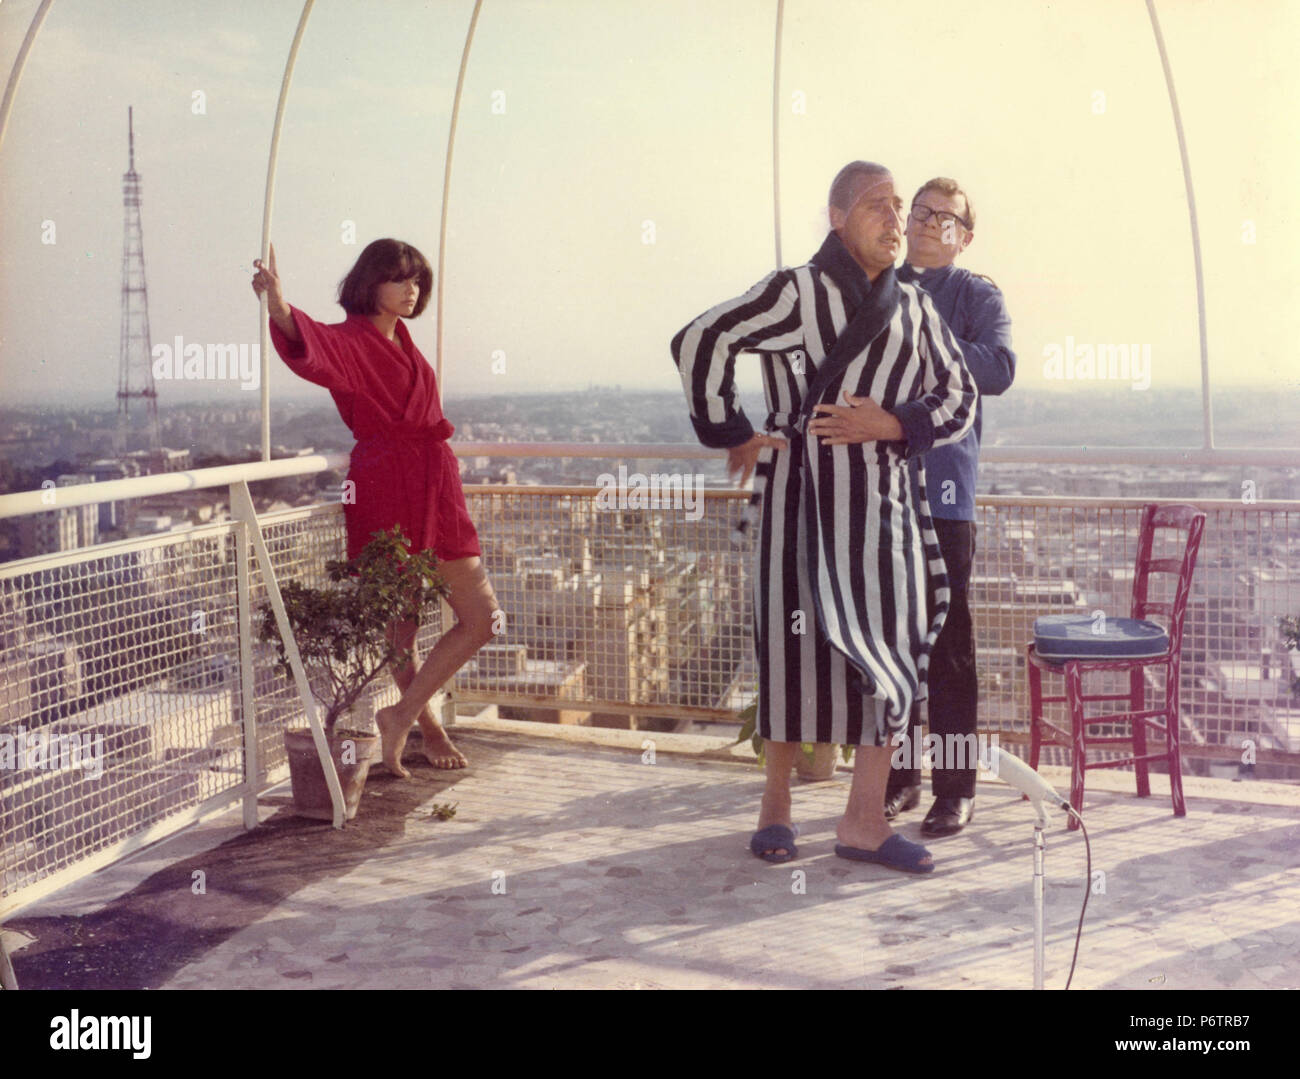 Italian actor Alberto Sordi and Tina Aumont in the movie Scusi Lei è Favorevole o Contrario?, 1967 - Stock Image